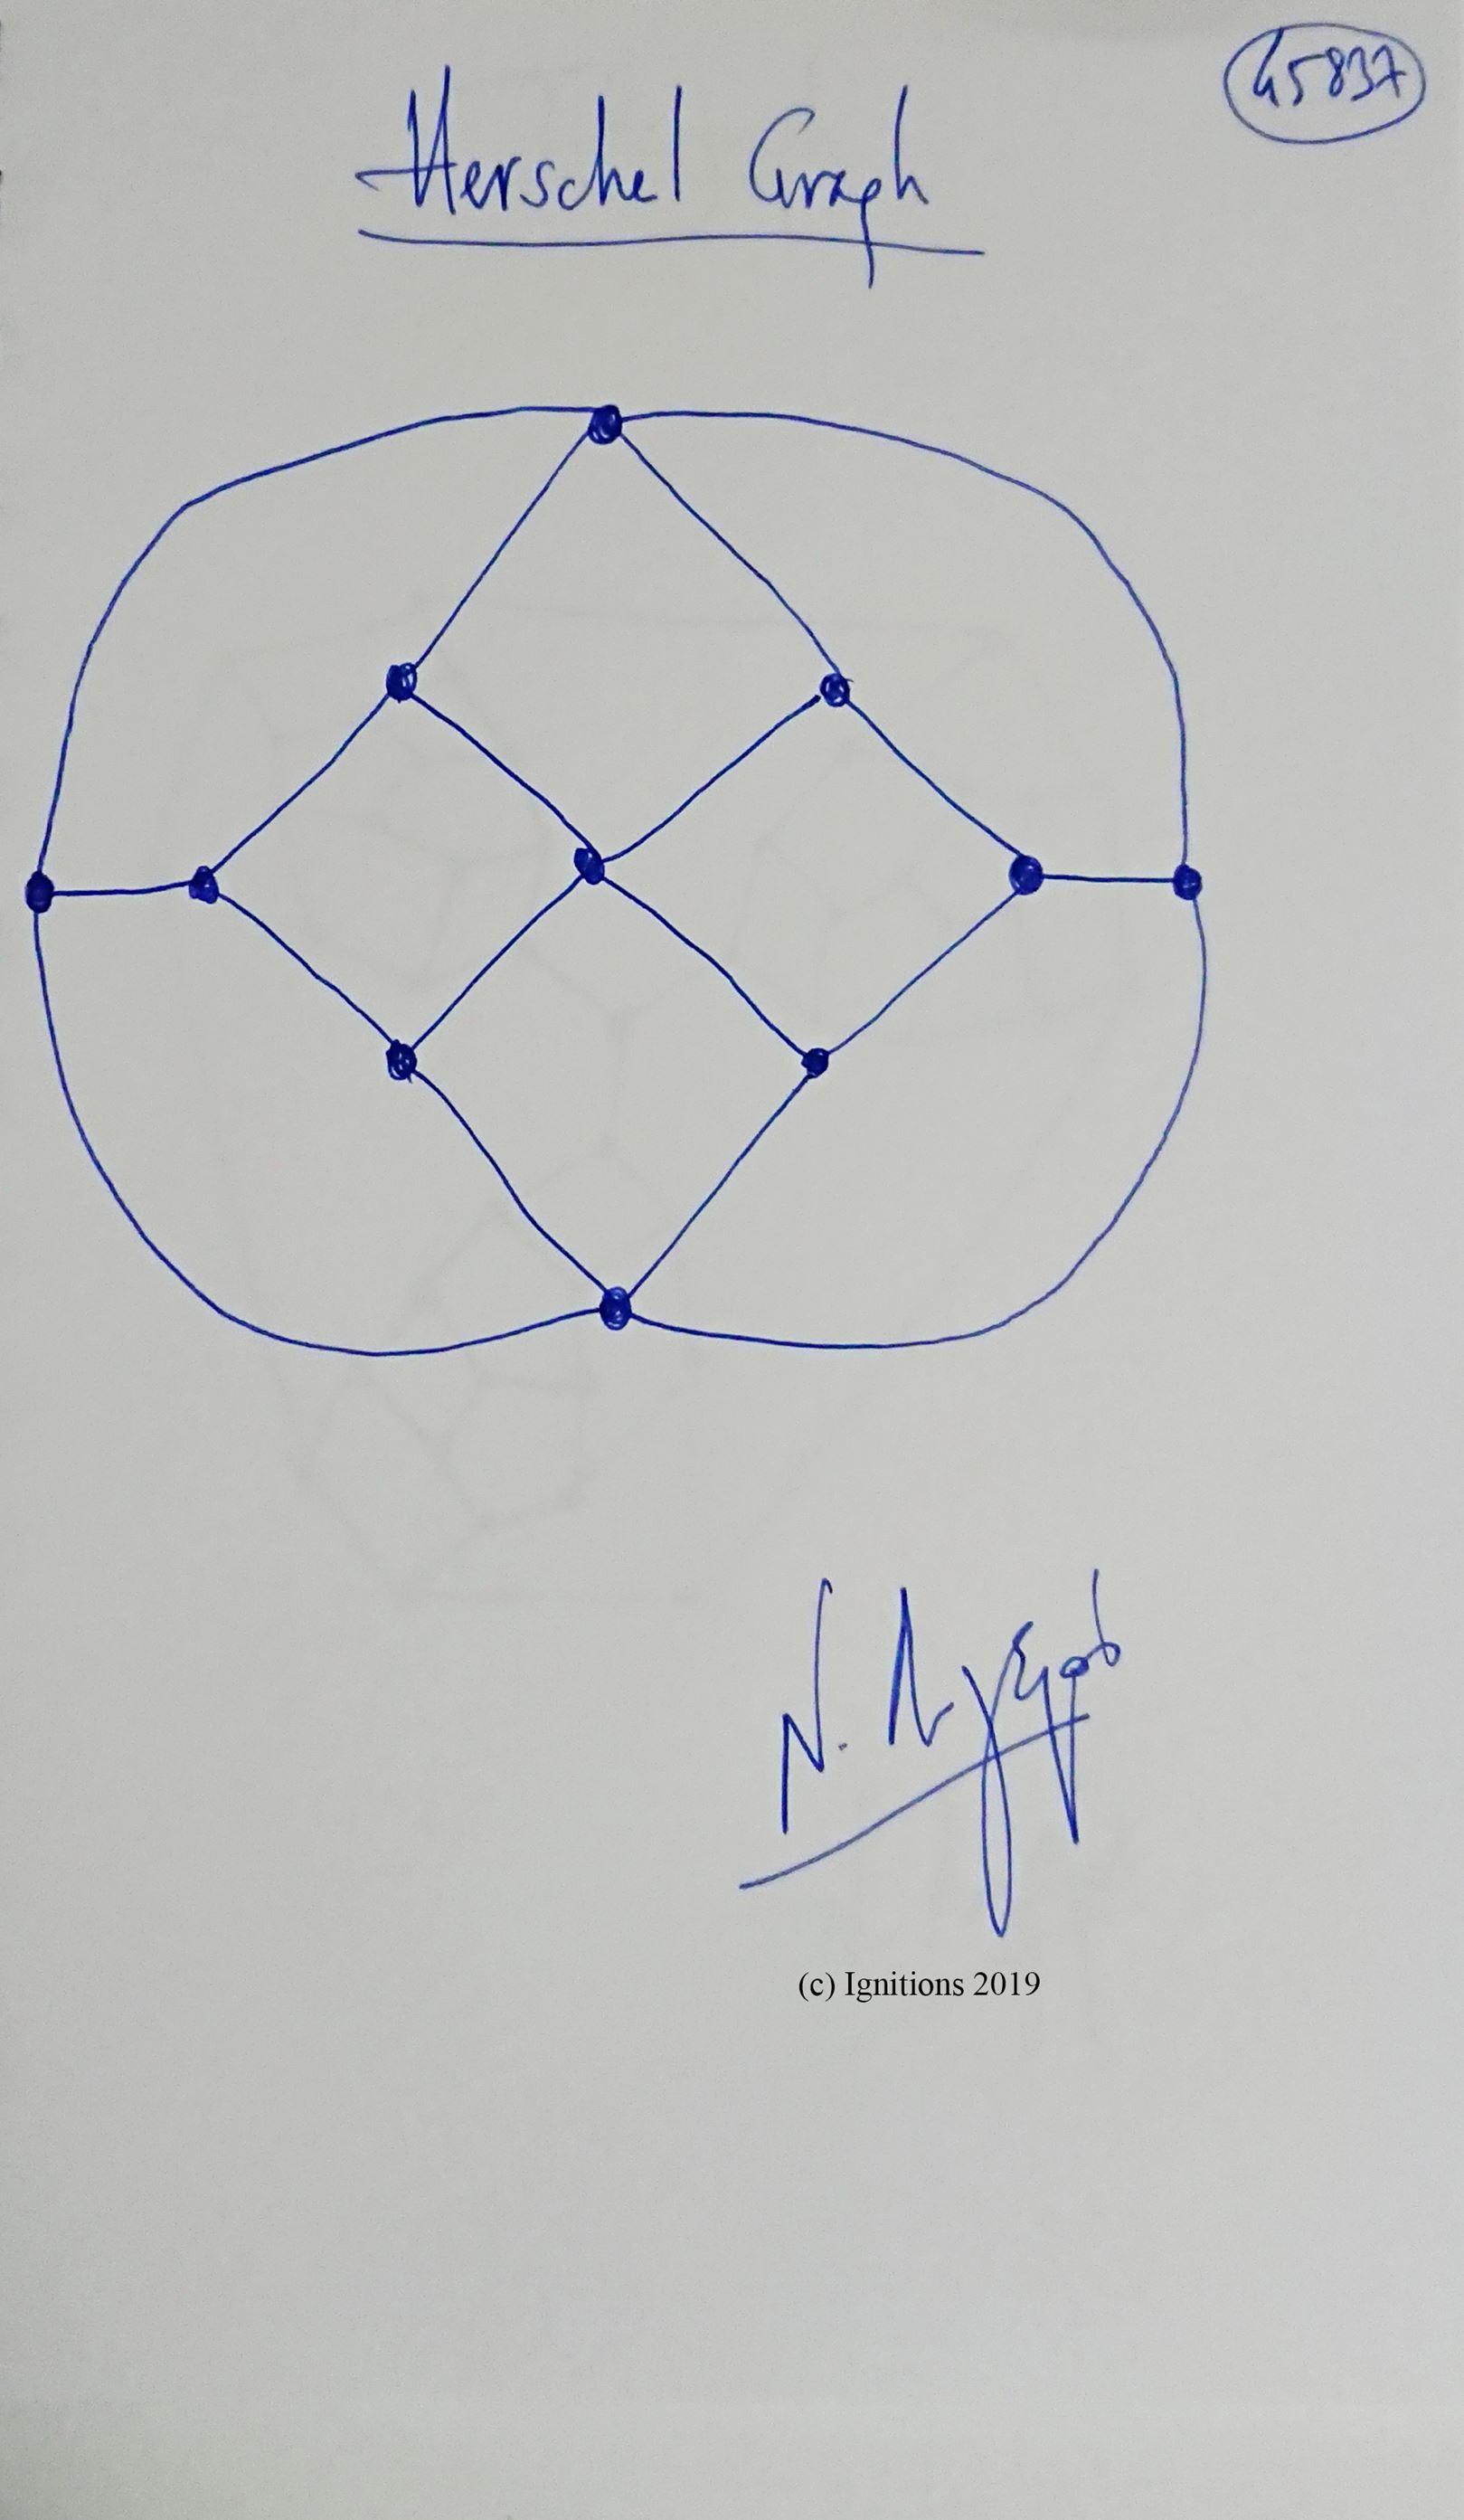 Herschel Graph. (Dessin)